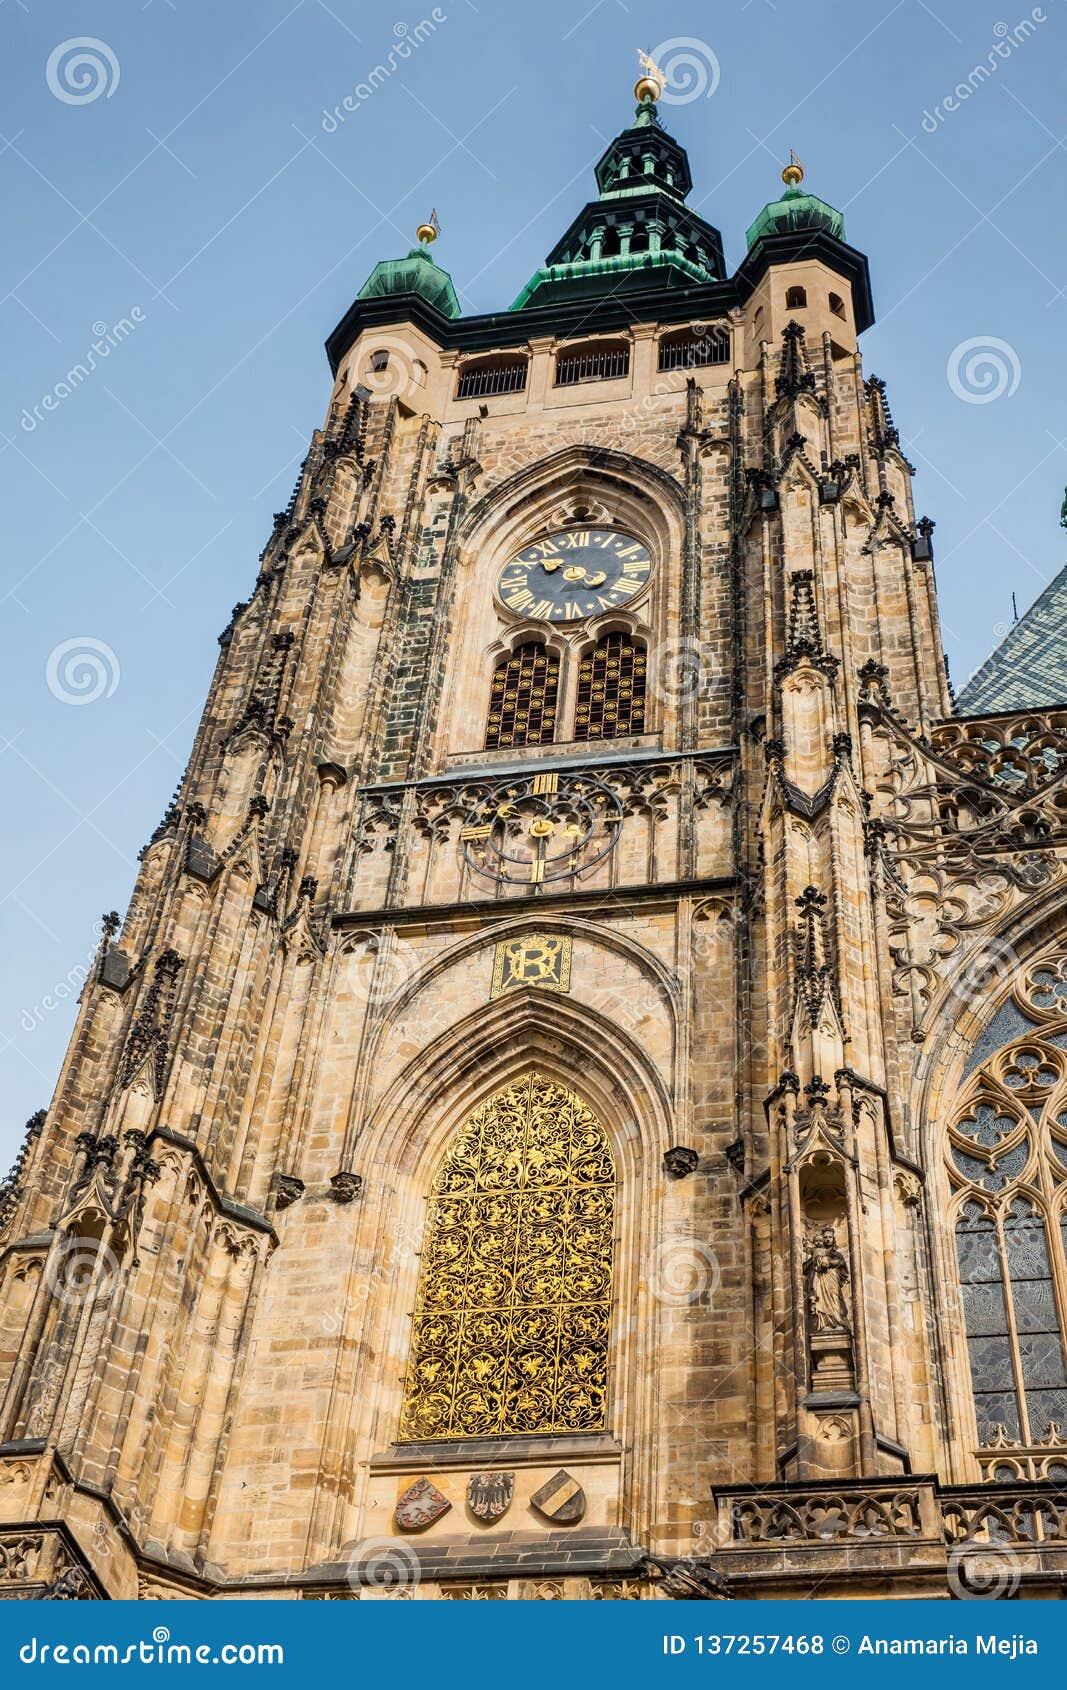 Detalles de la fachada de la catedral metropolitana de los santos Vitus en Praga